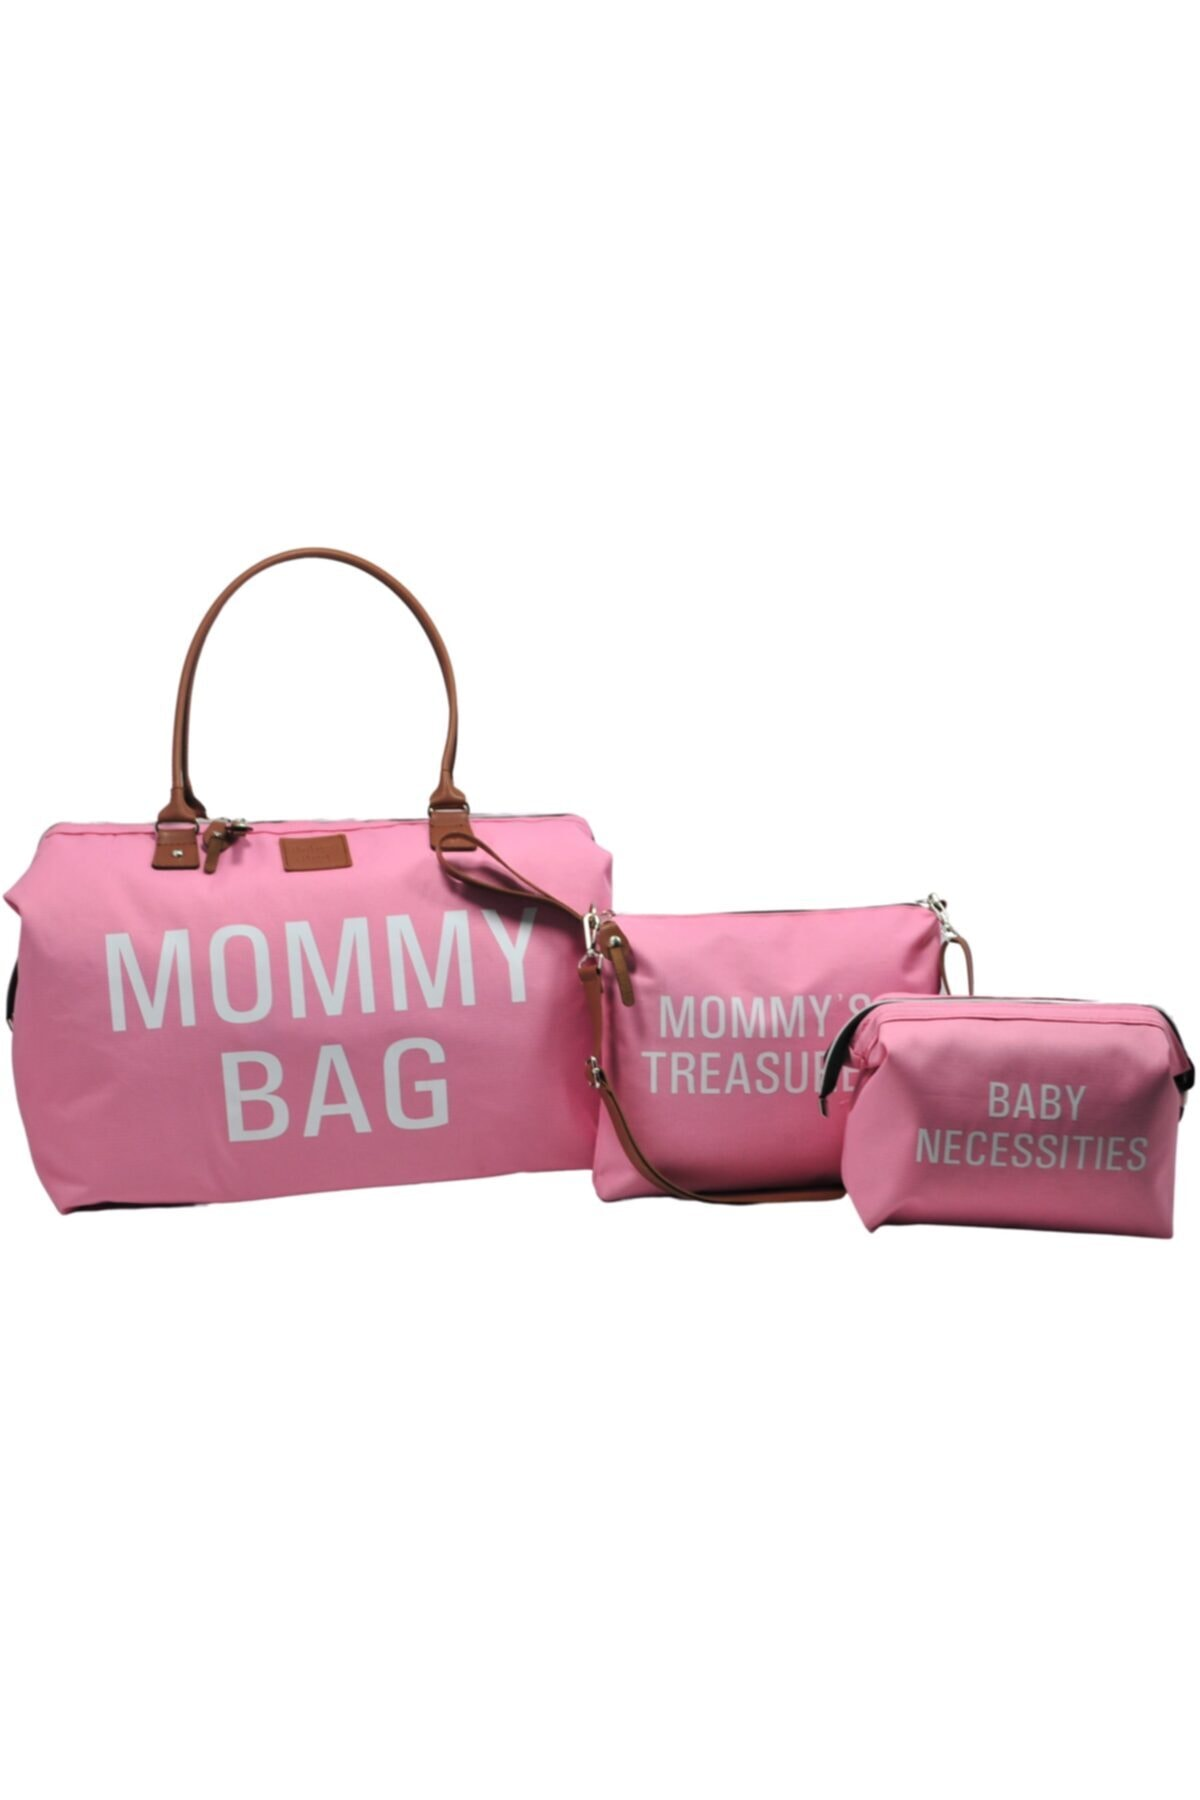 Комплект из 3 предметов для мамы, Сумка розовая для мамы, ухода за ребенком и женщины, Детская мини сумка, сумка на плечо для мамы, сумка для ла...